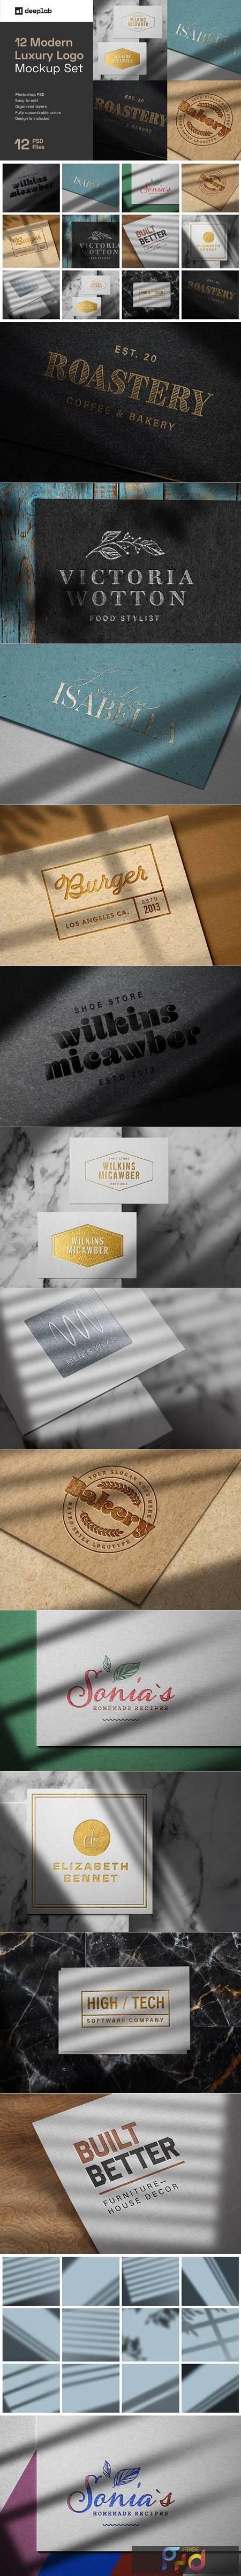 Elegant Luxury Logo Mockup Set 5144616 1